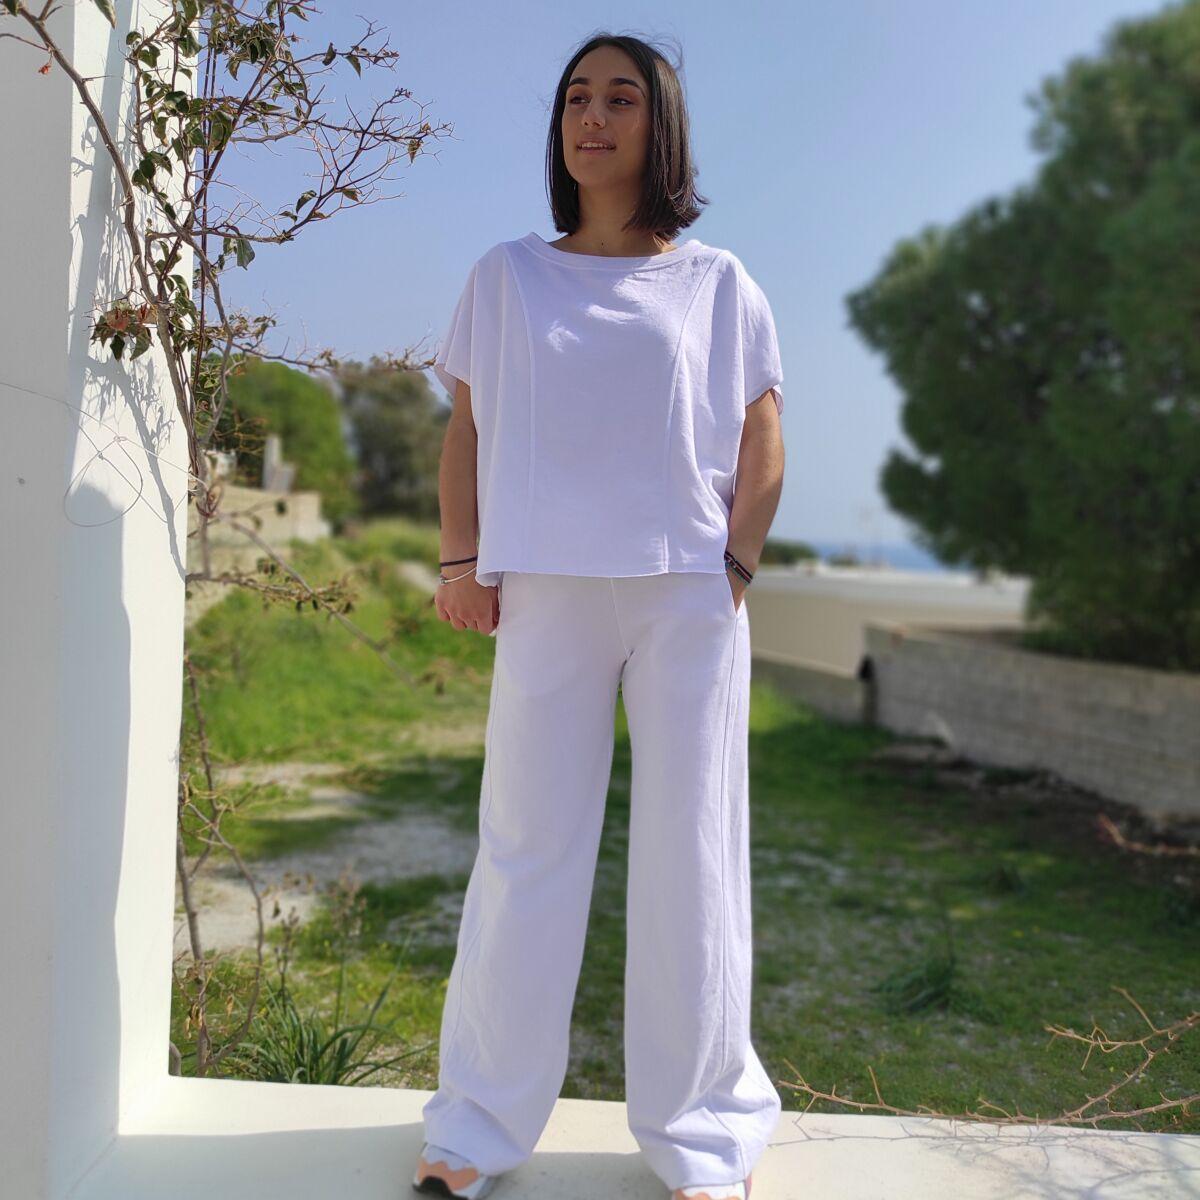 Σετ φόρμας λευκό Ρούχα Ρούχα αξεσουάρ